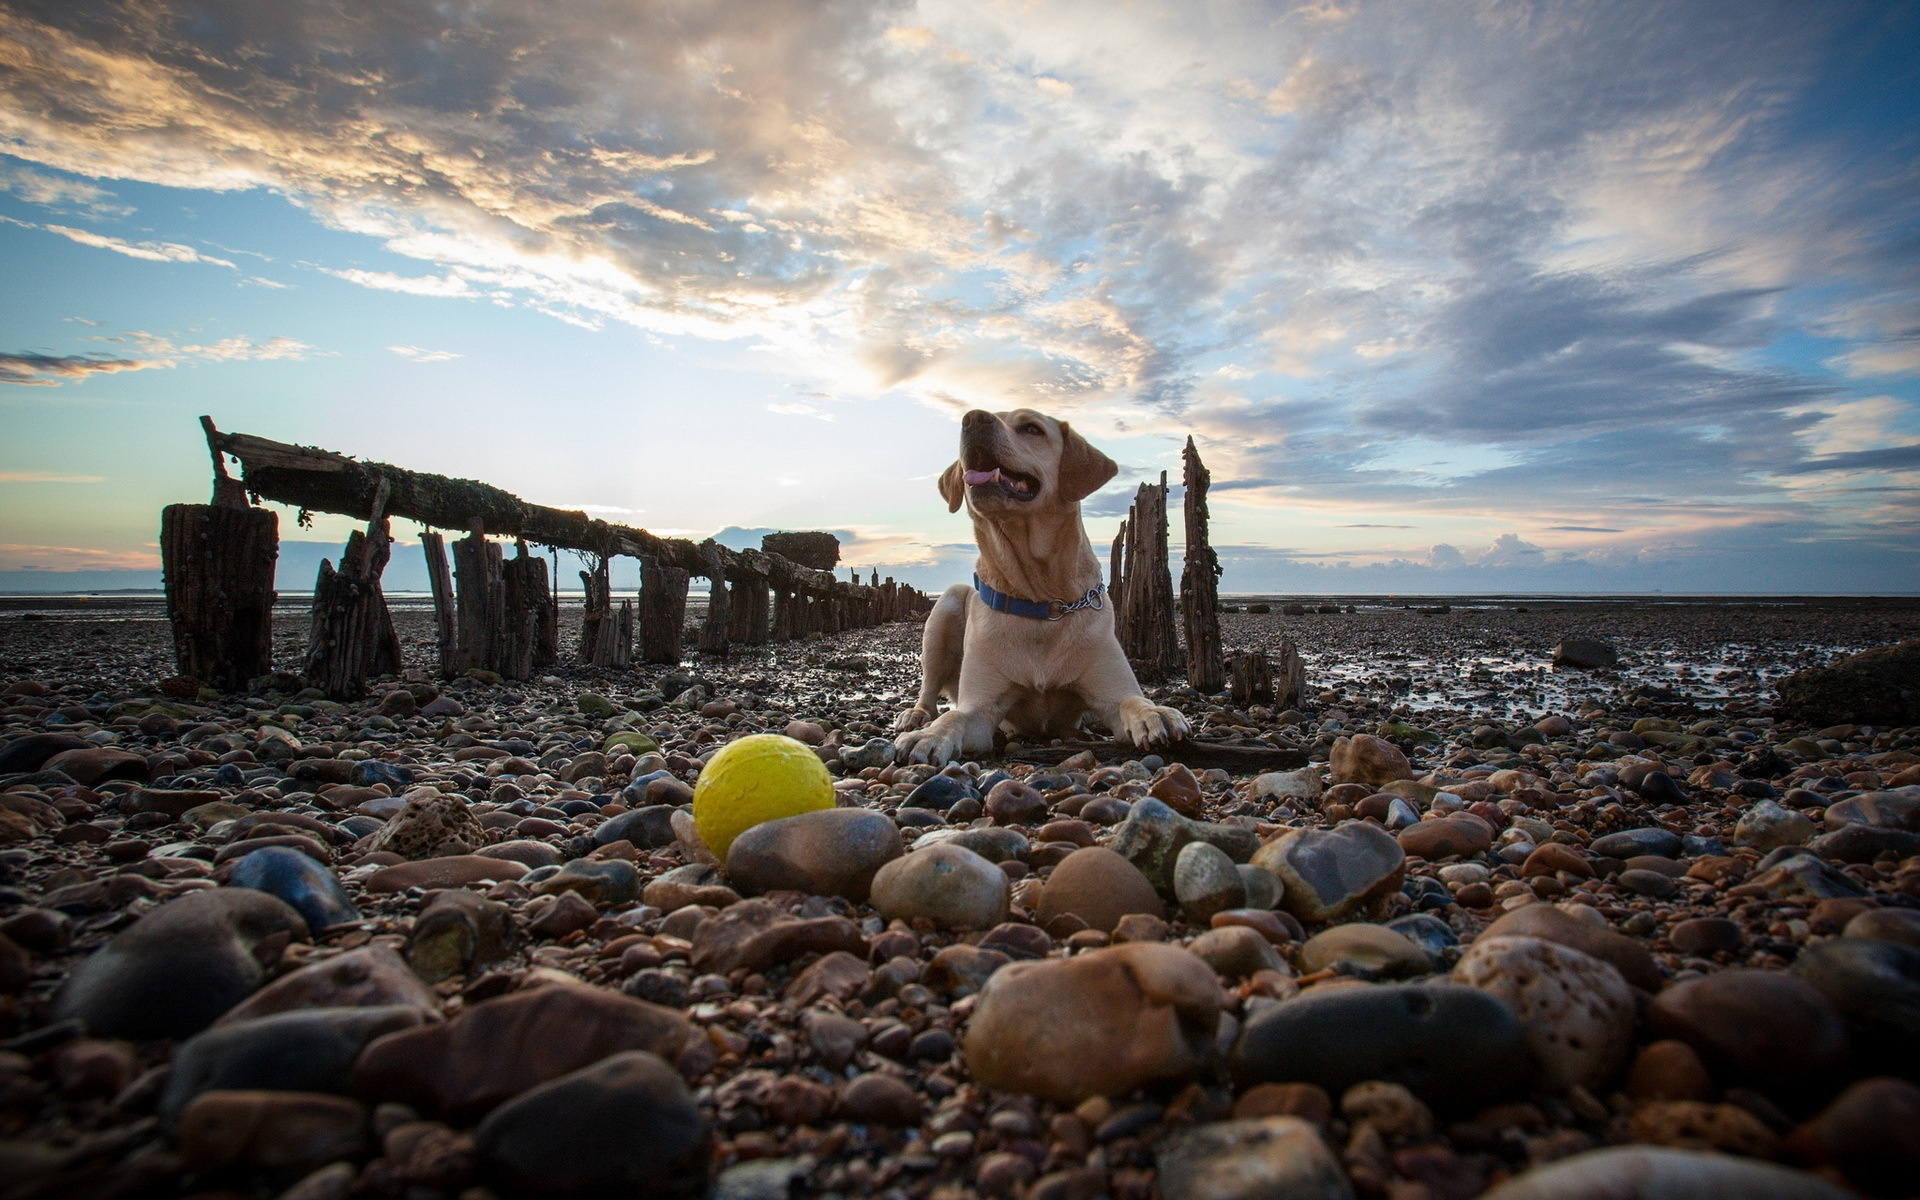 Картинки Собака, скалы, лежа, пляж, небо фото и обои на рабочий стол